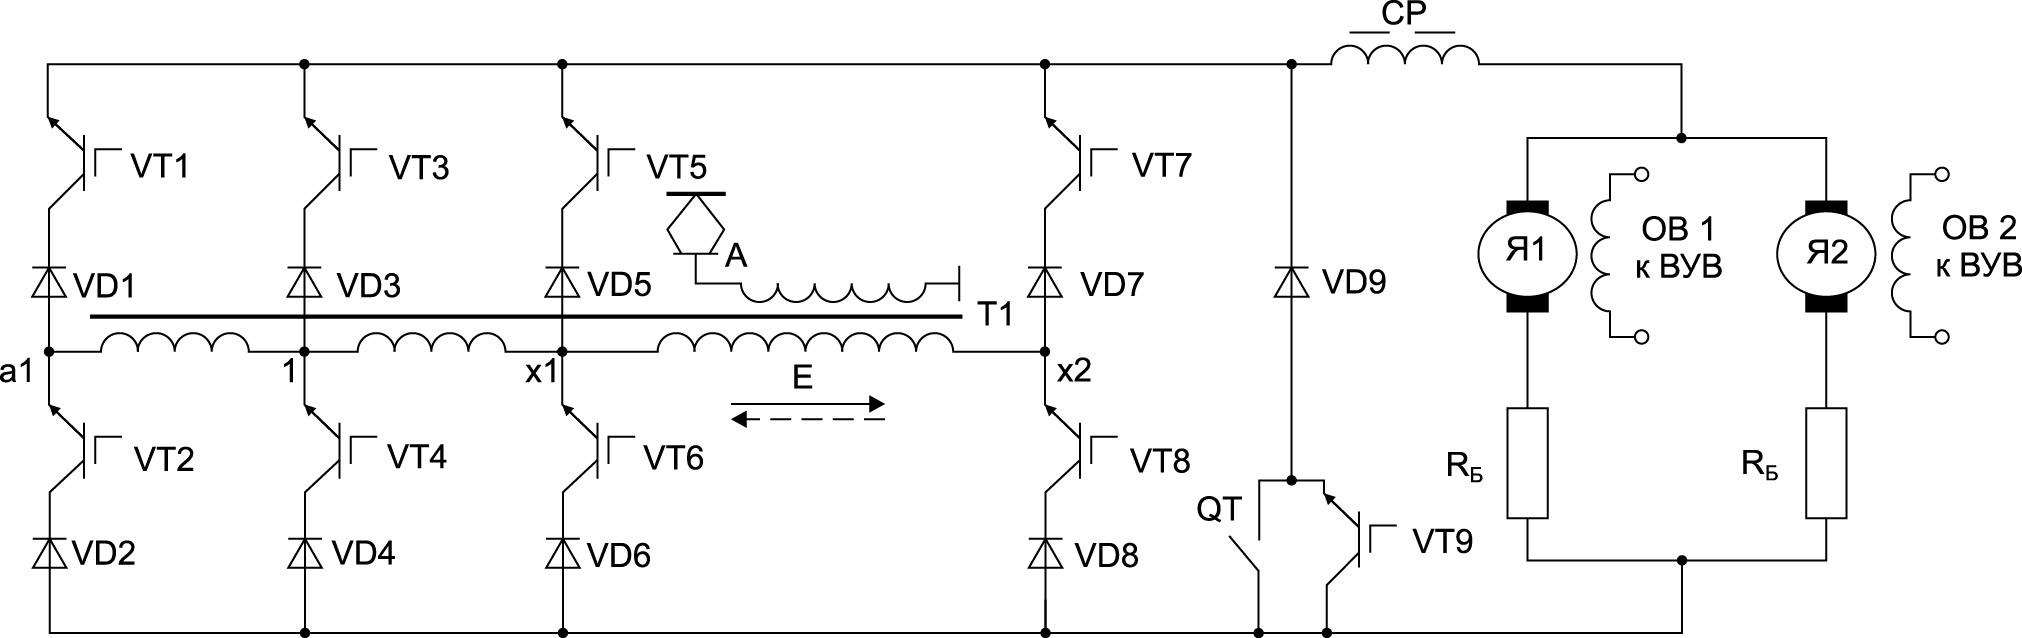 Принципиальная схема предлагаемого выпрямительно-инверторного преобразователя в режиме рекуперативного торможения